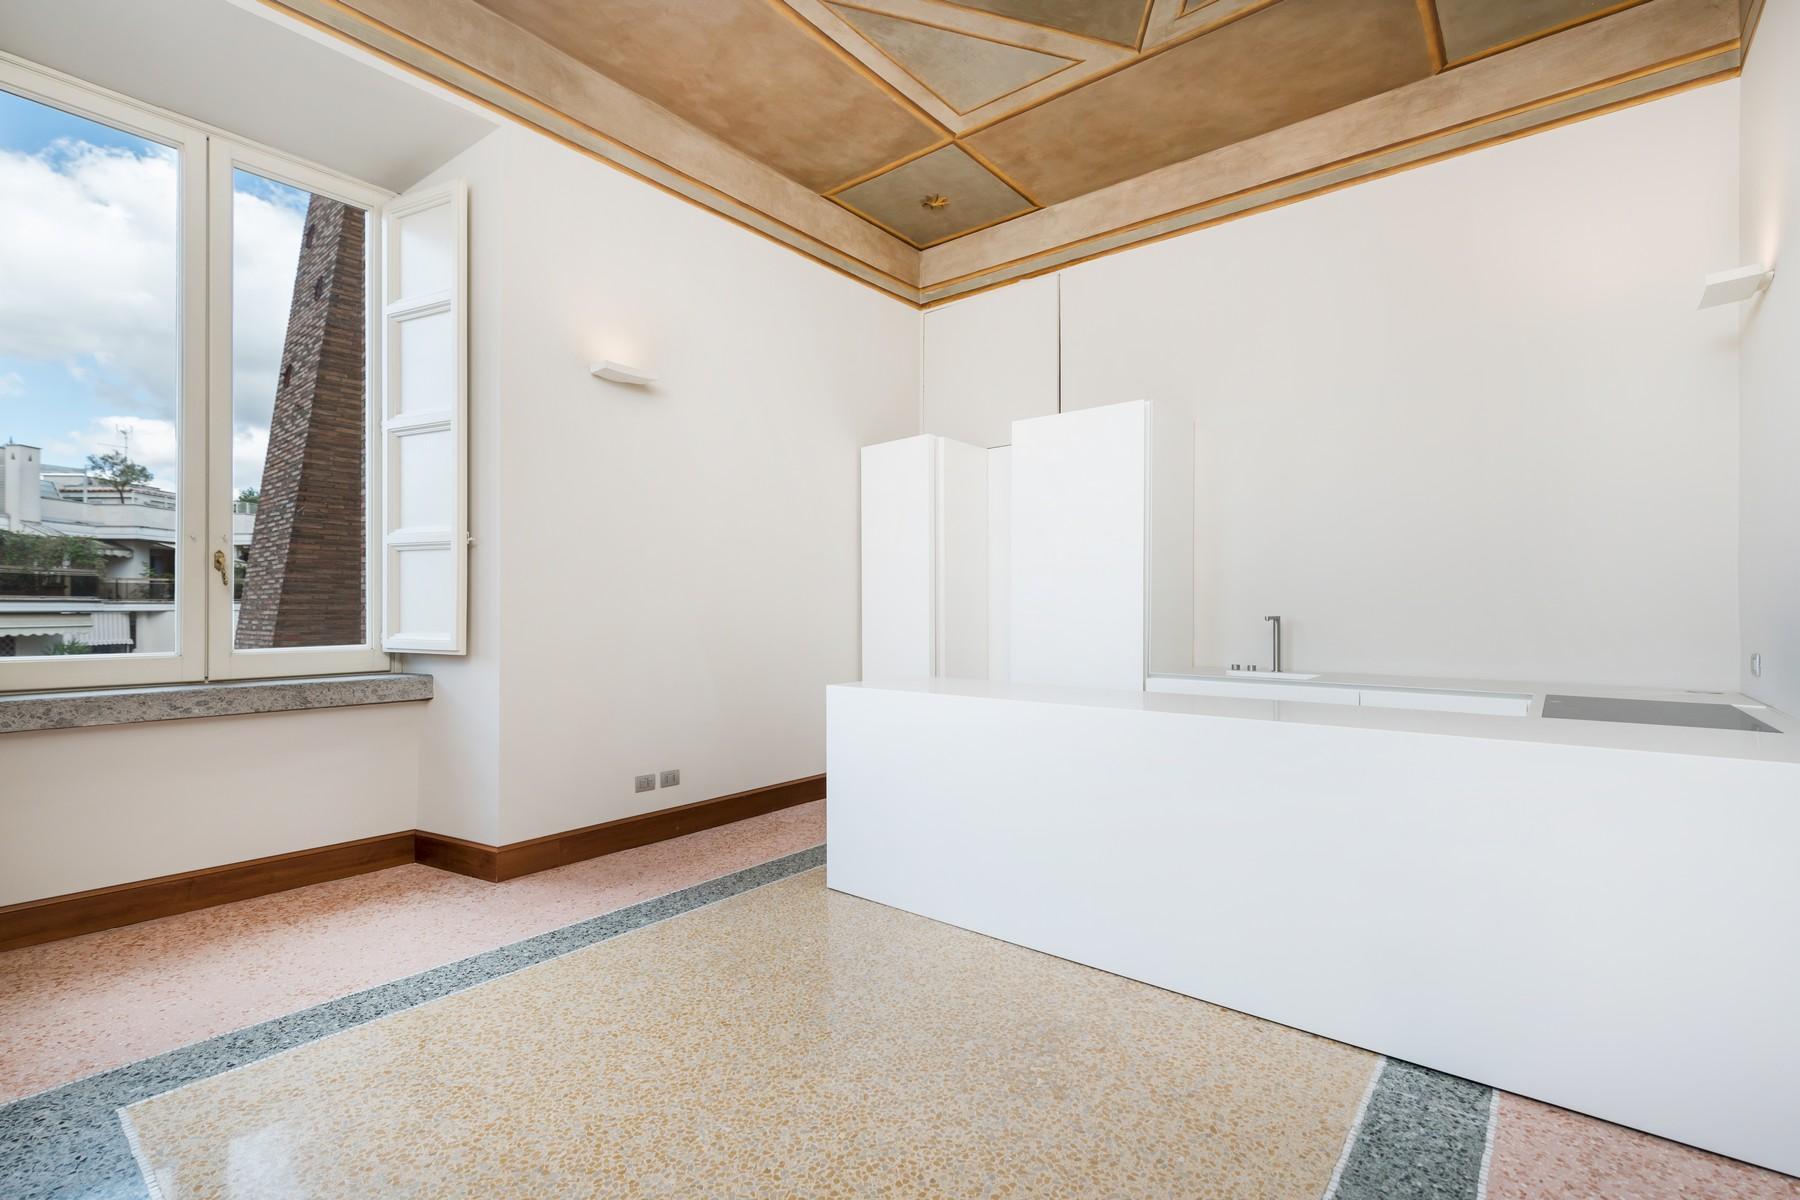 位于著名的Brasini别墅内的优雅的公寓 - 13